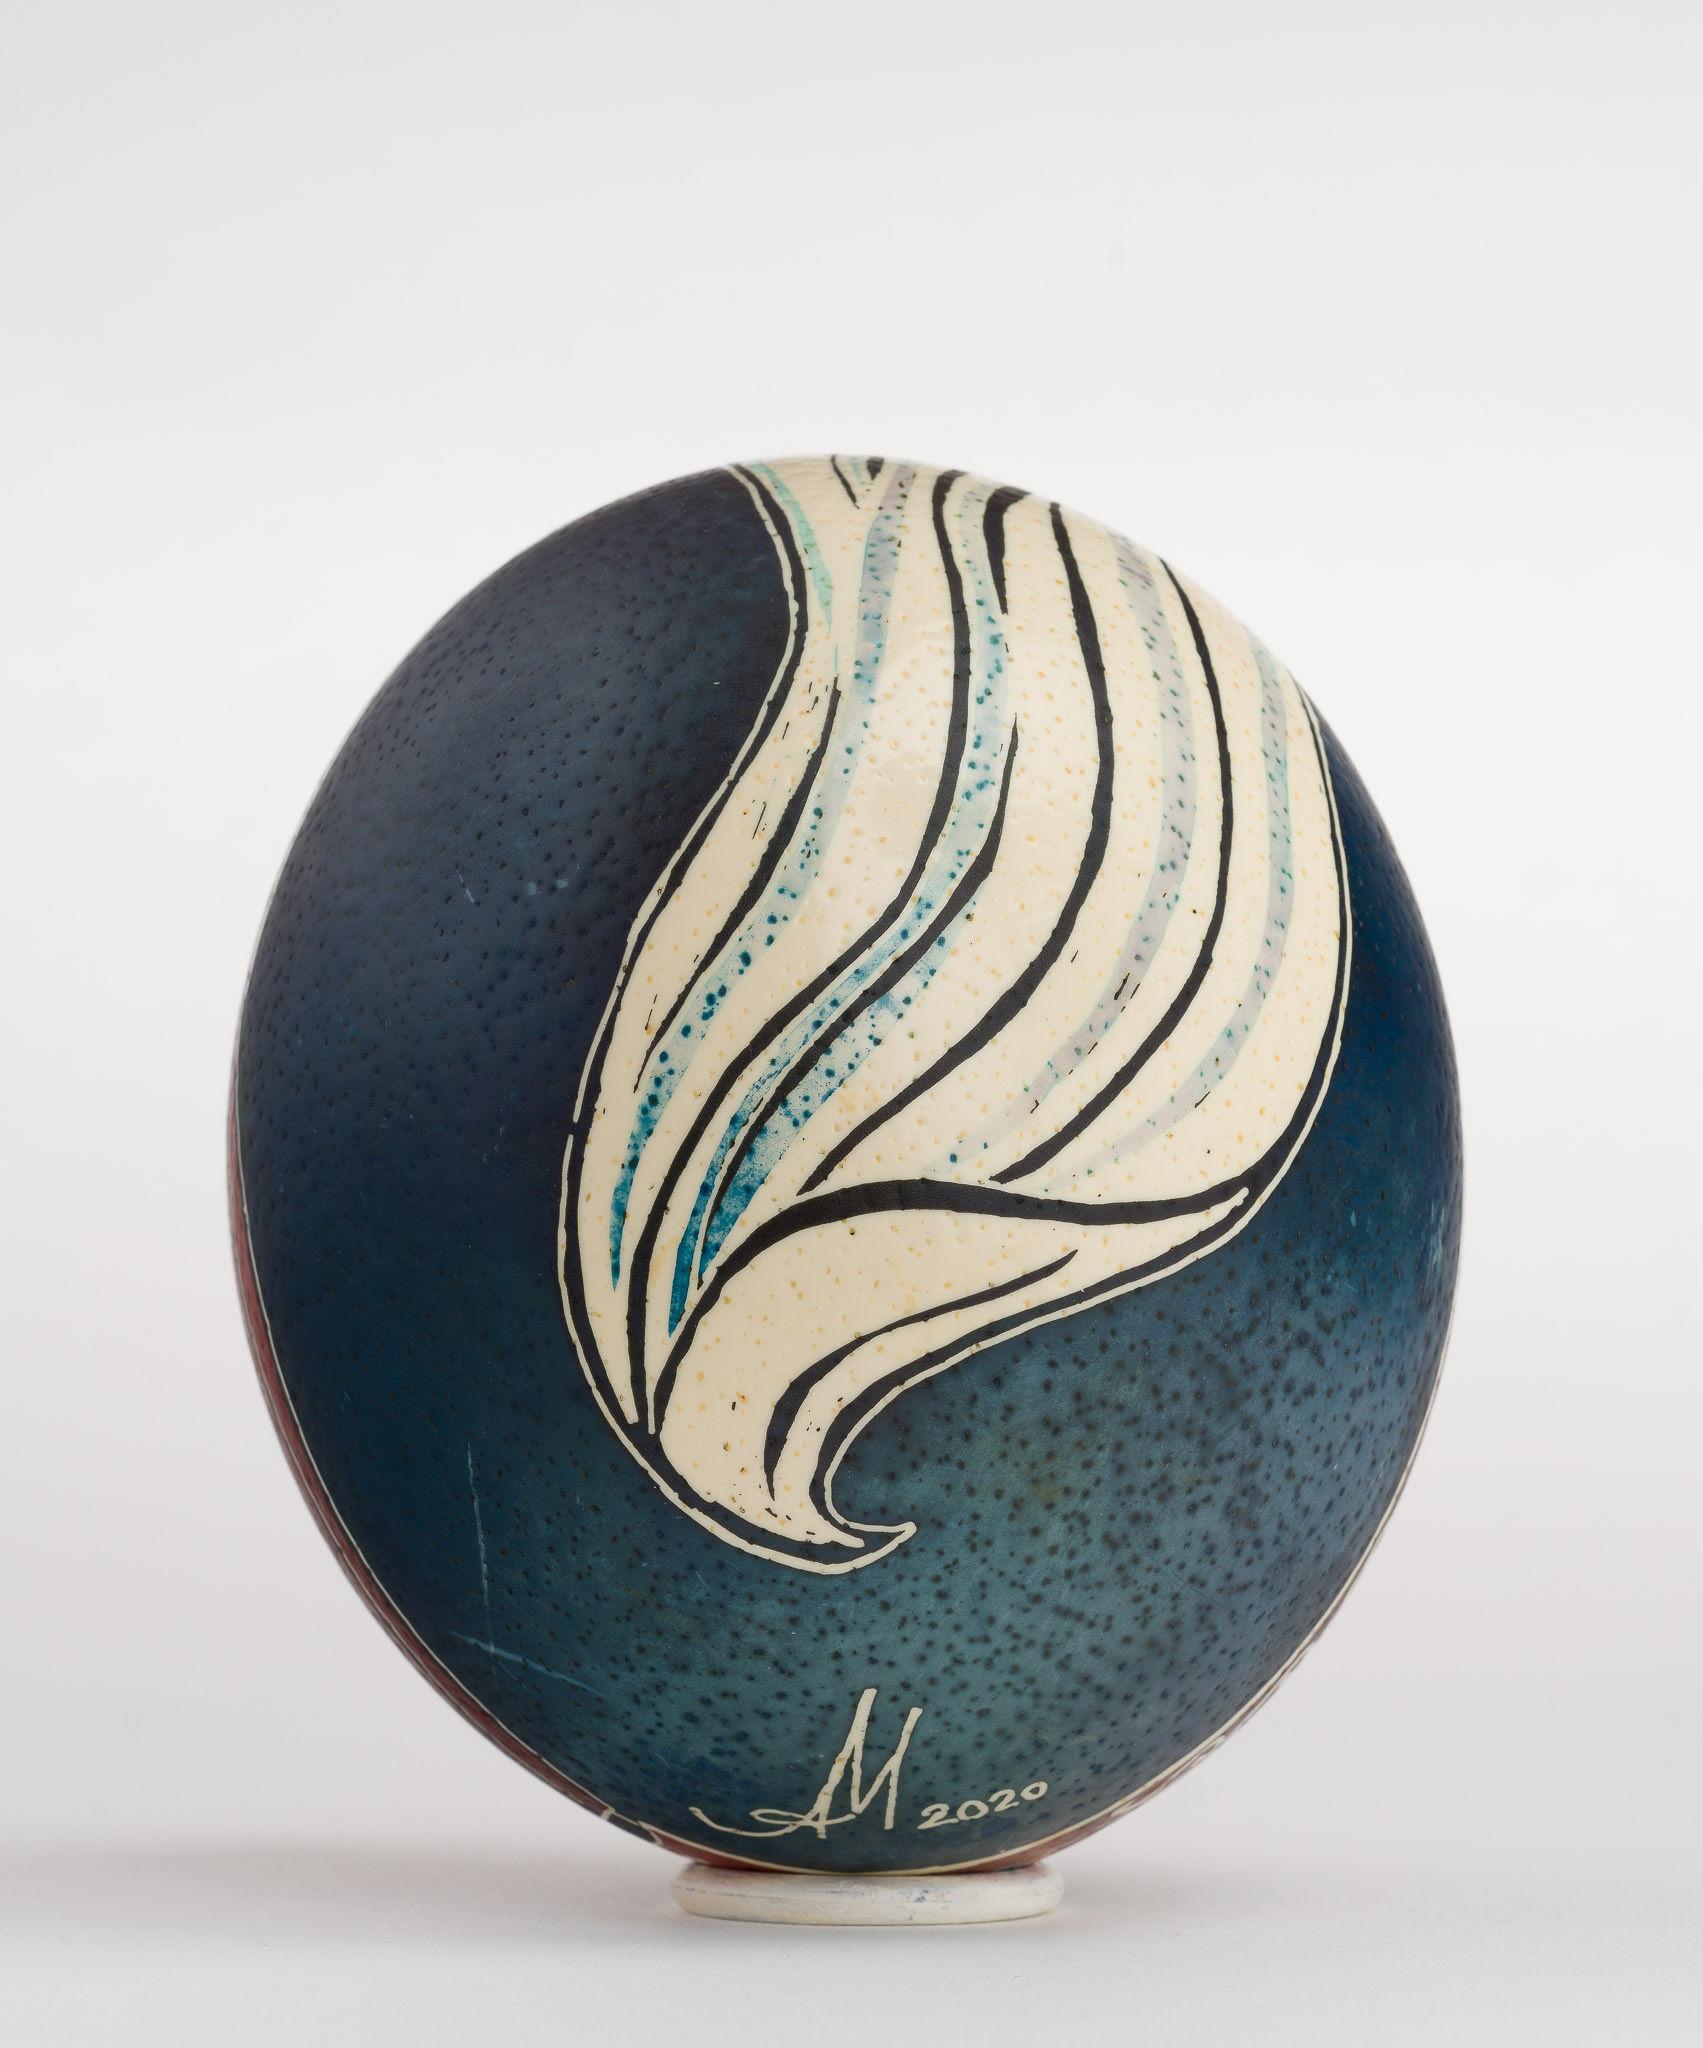 Icoană încondeiată pe ou de struț - Tăierea imprejur - maryando-114b.jpg